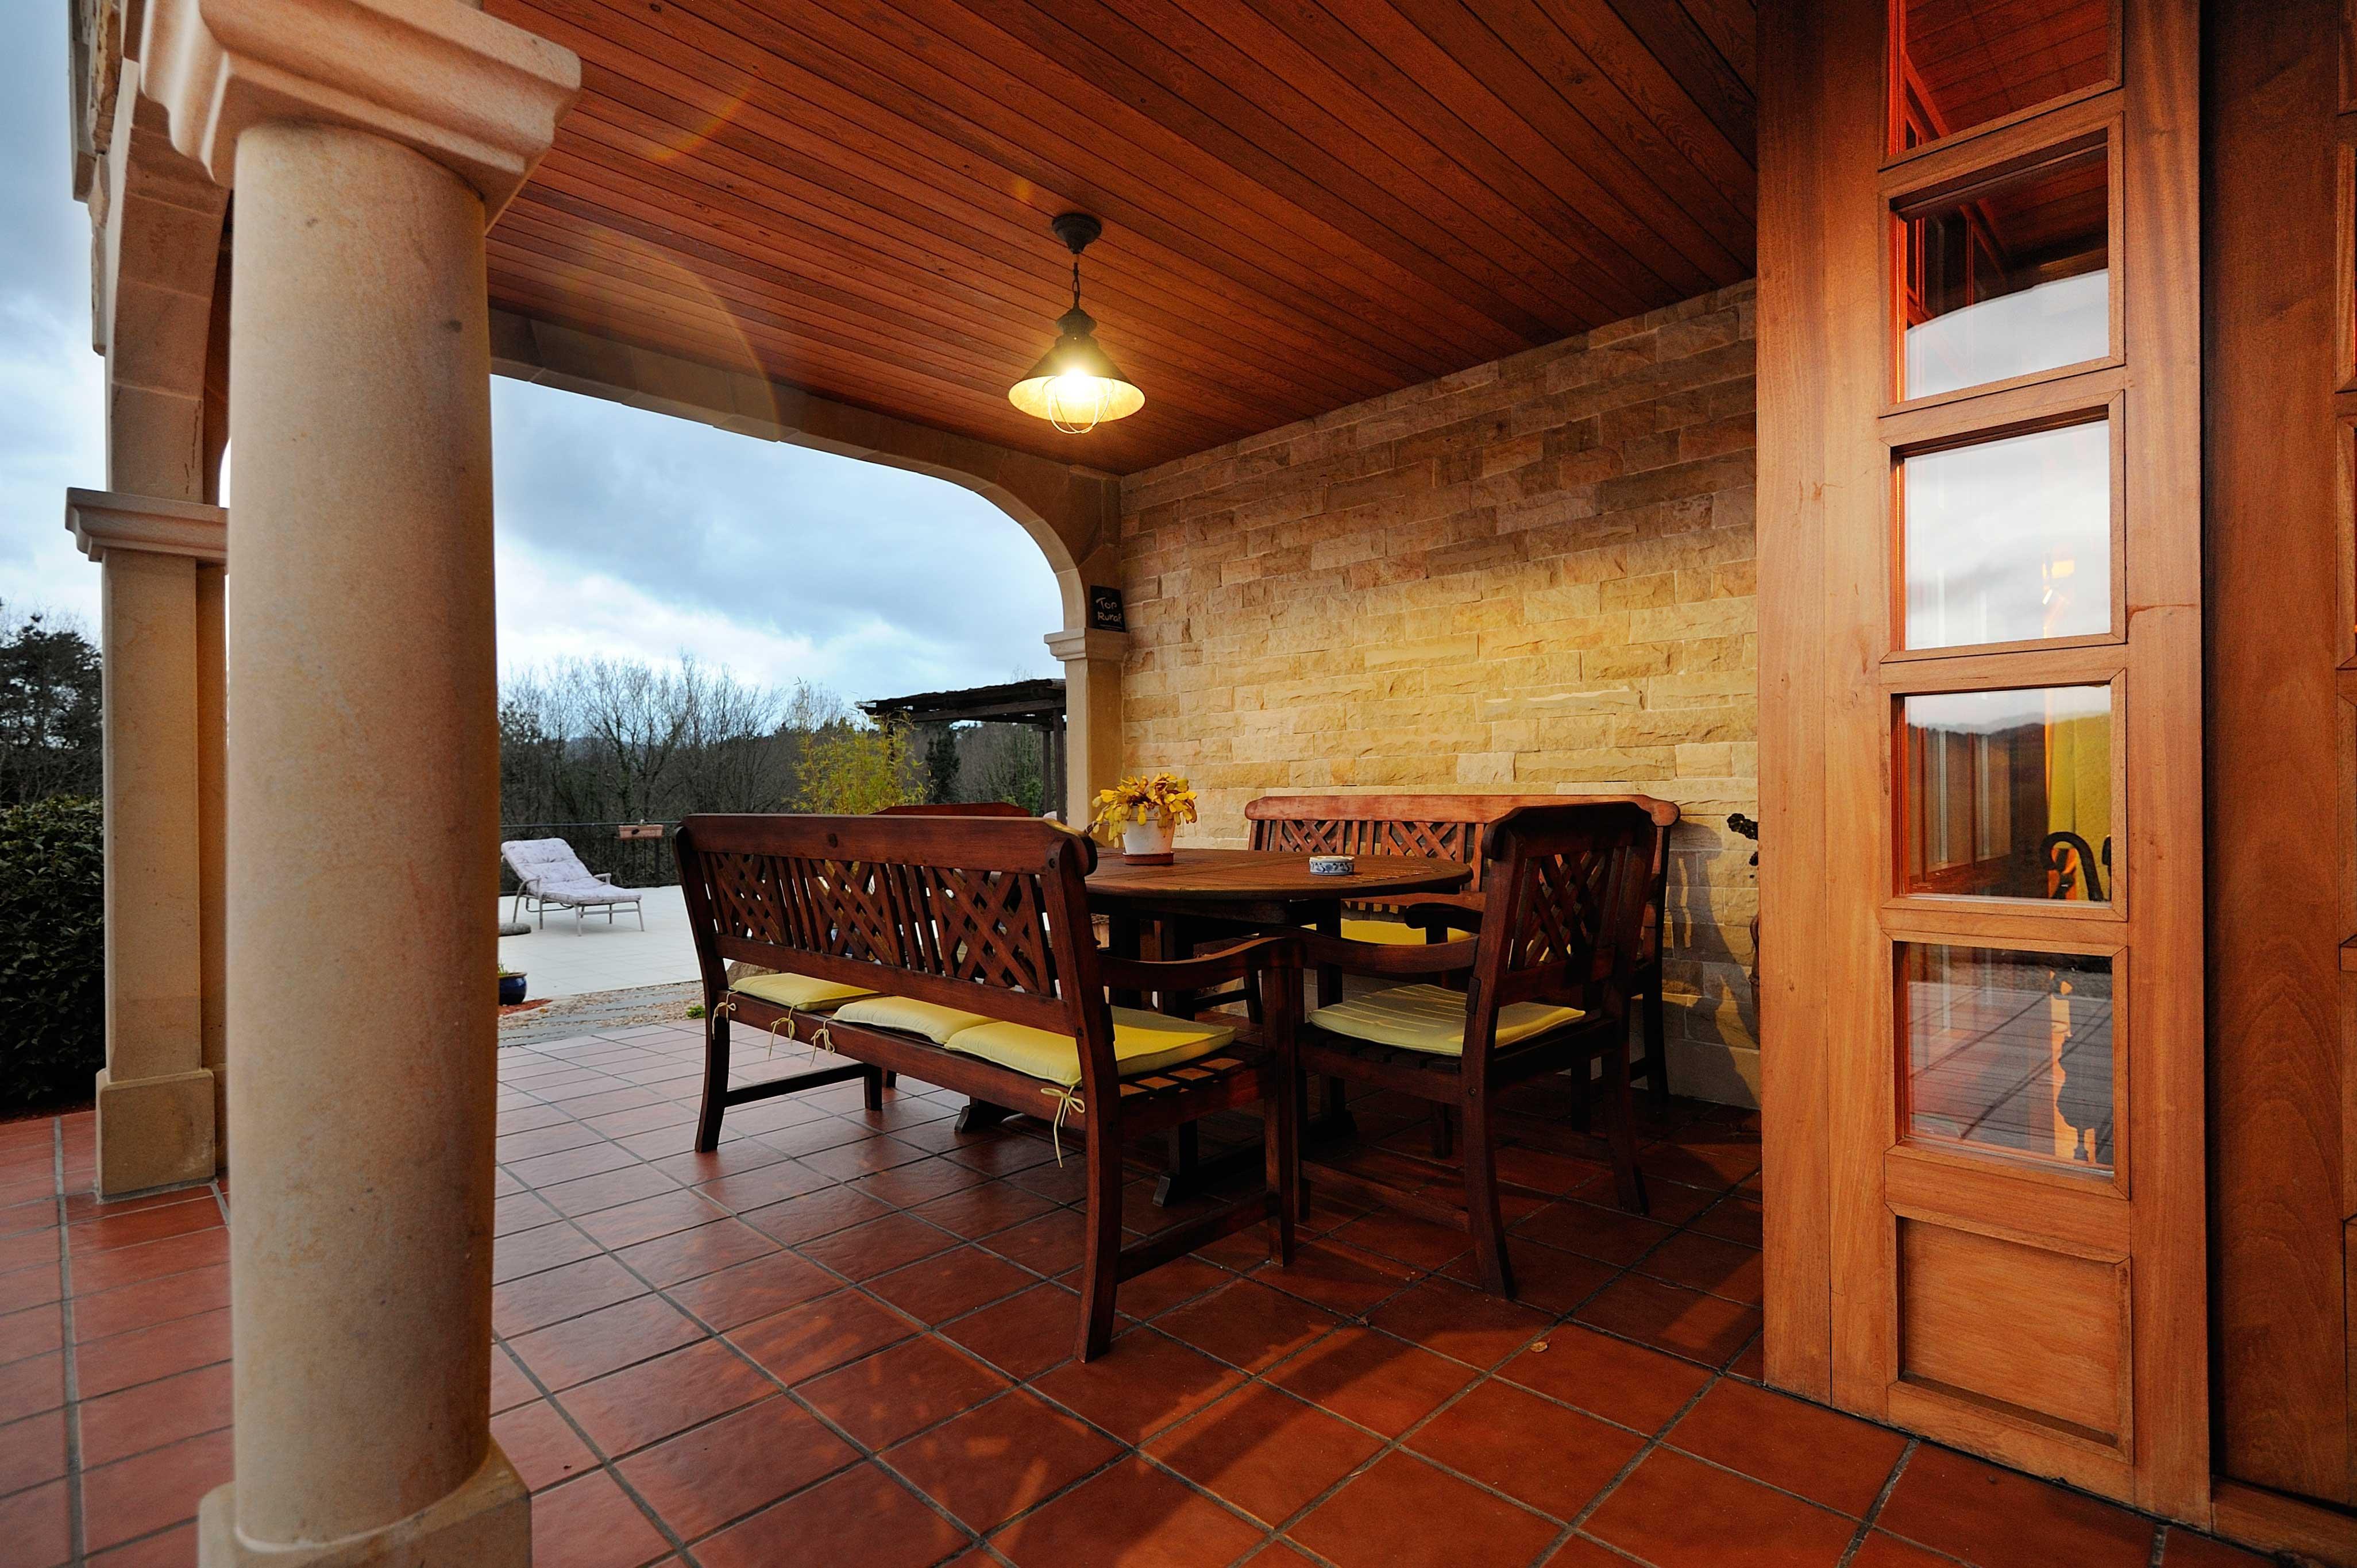 Exteriores la casa de madera - La casa de madera ...